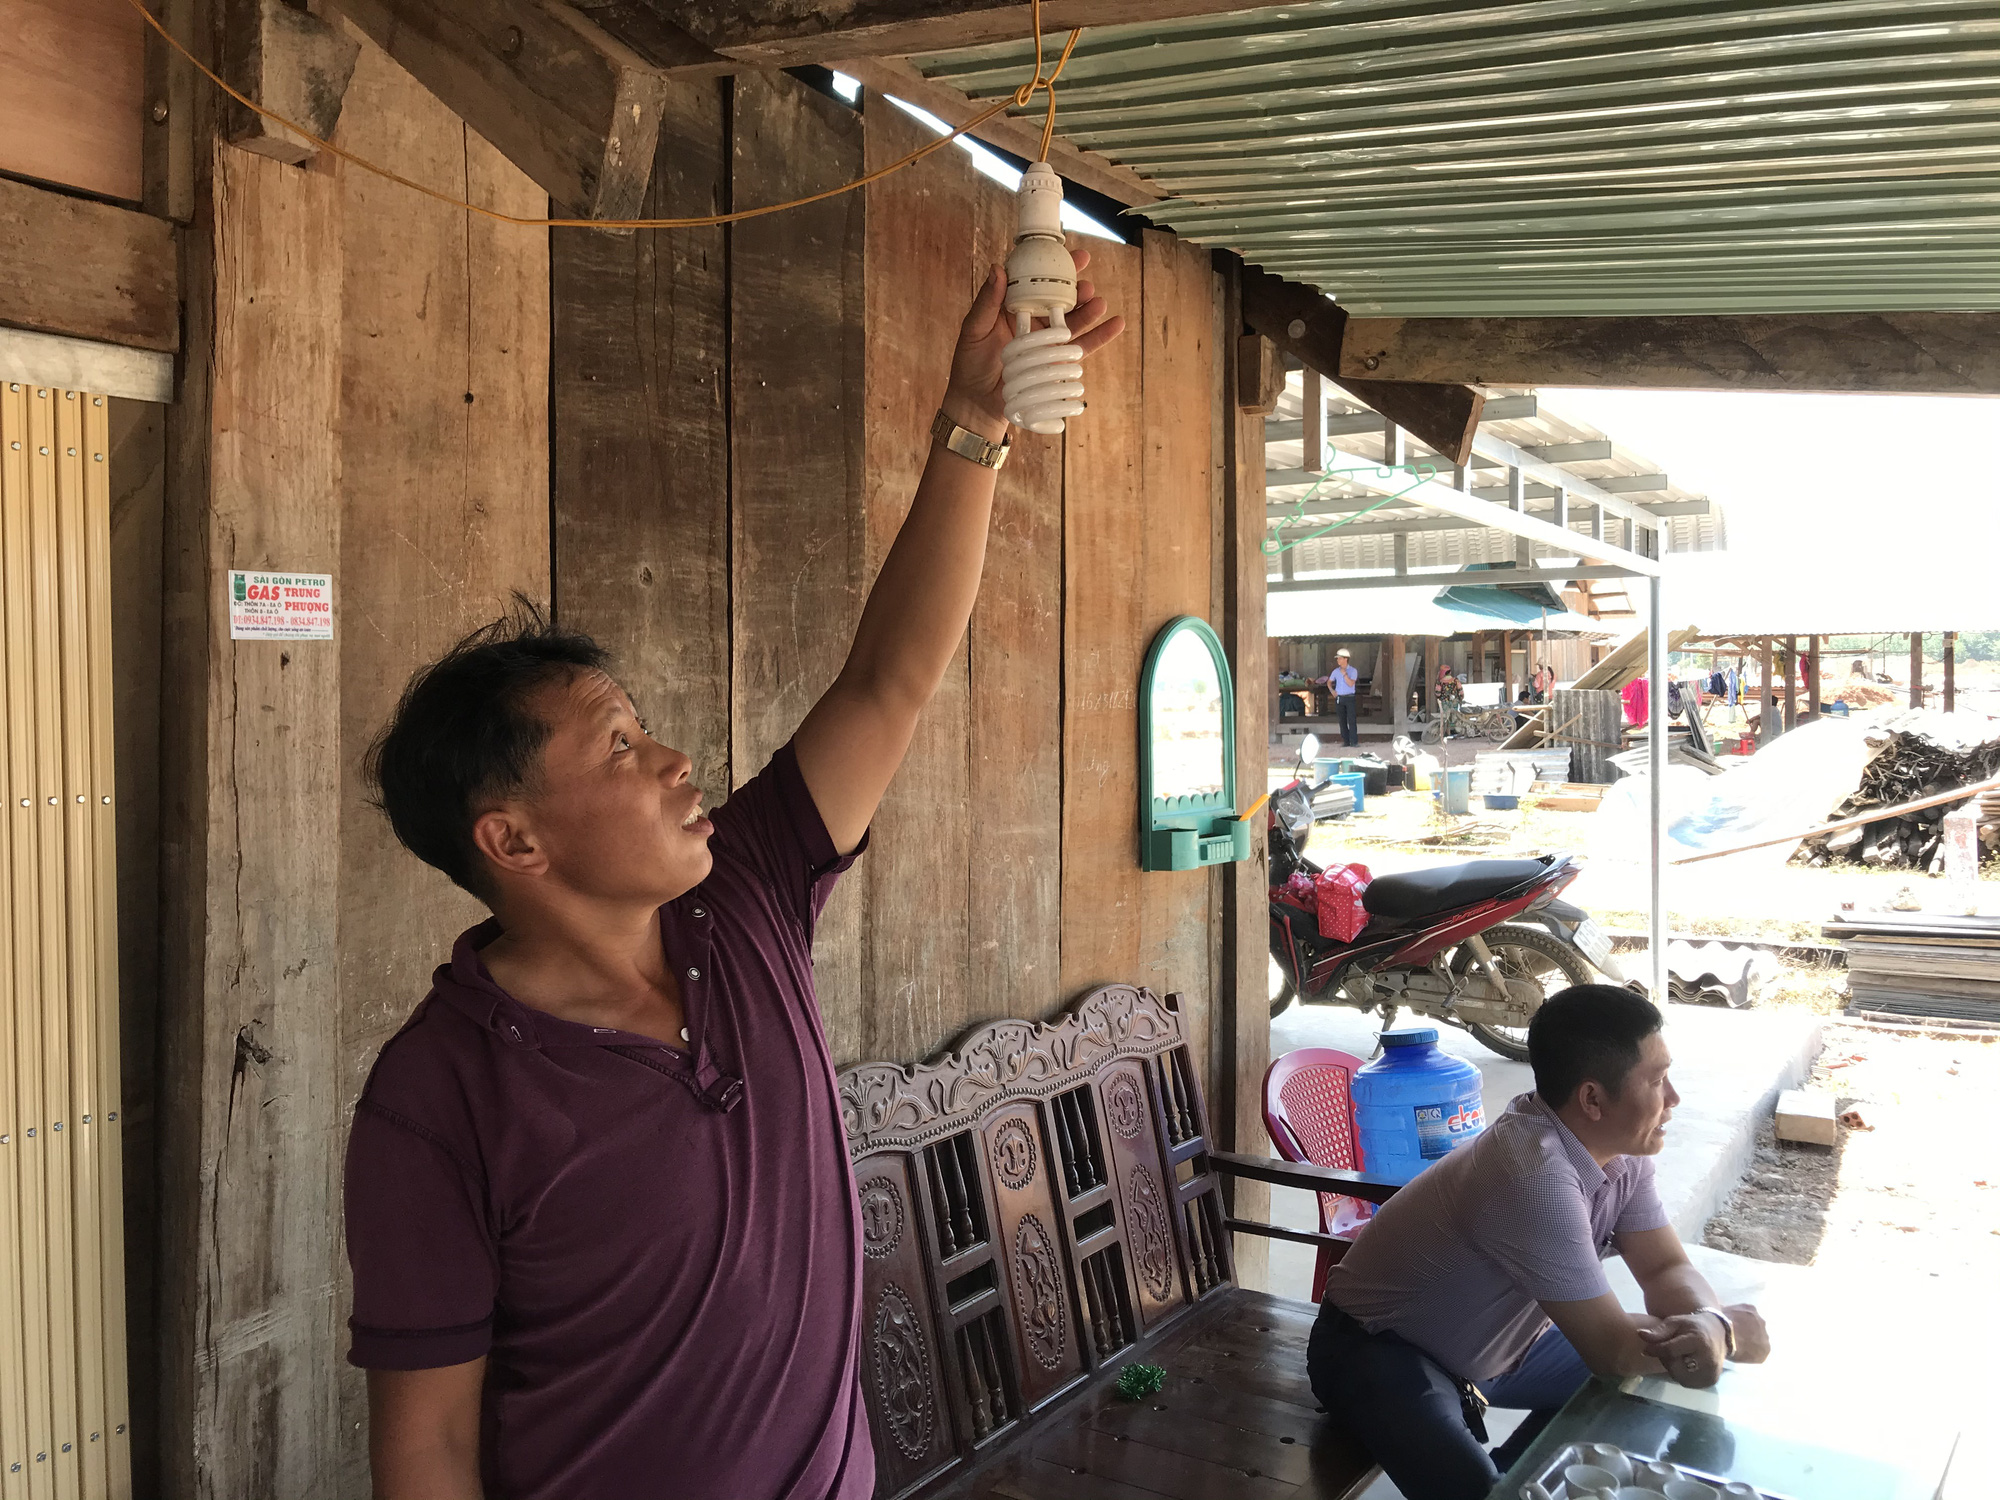 Tái định cư Dự án hồ chứa nước Krông Pắk Thượng: Nhà vừa dựng lên đã có điện - Ảnh 1.